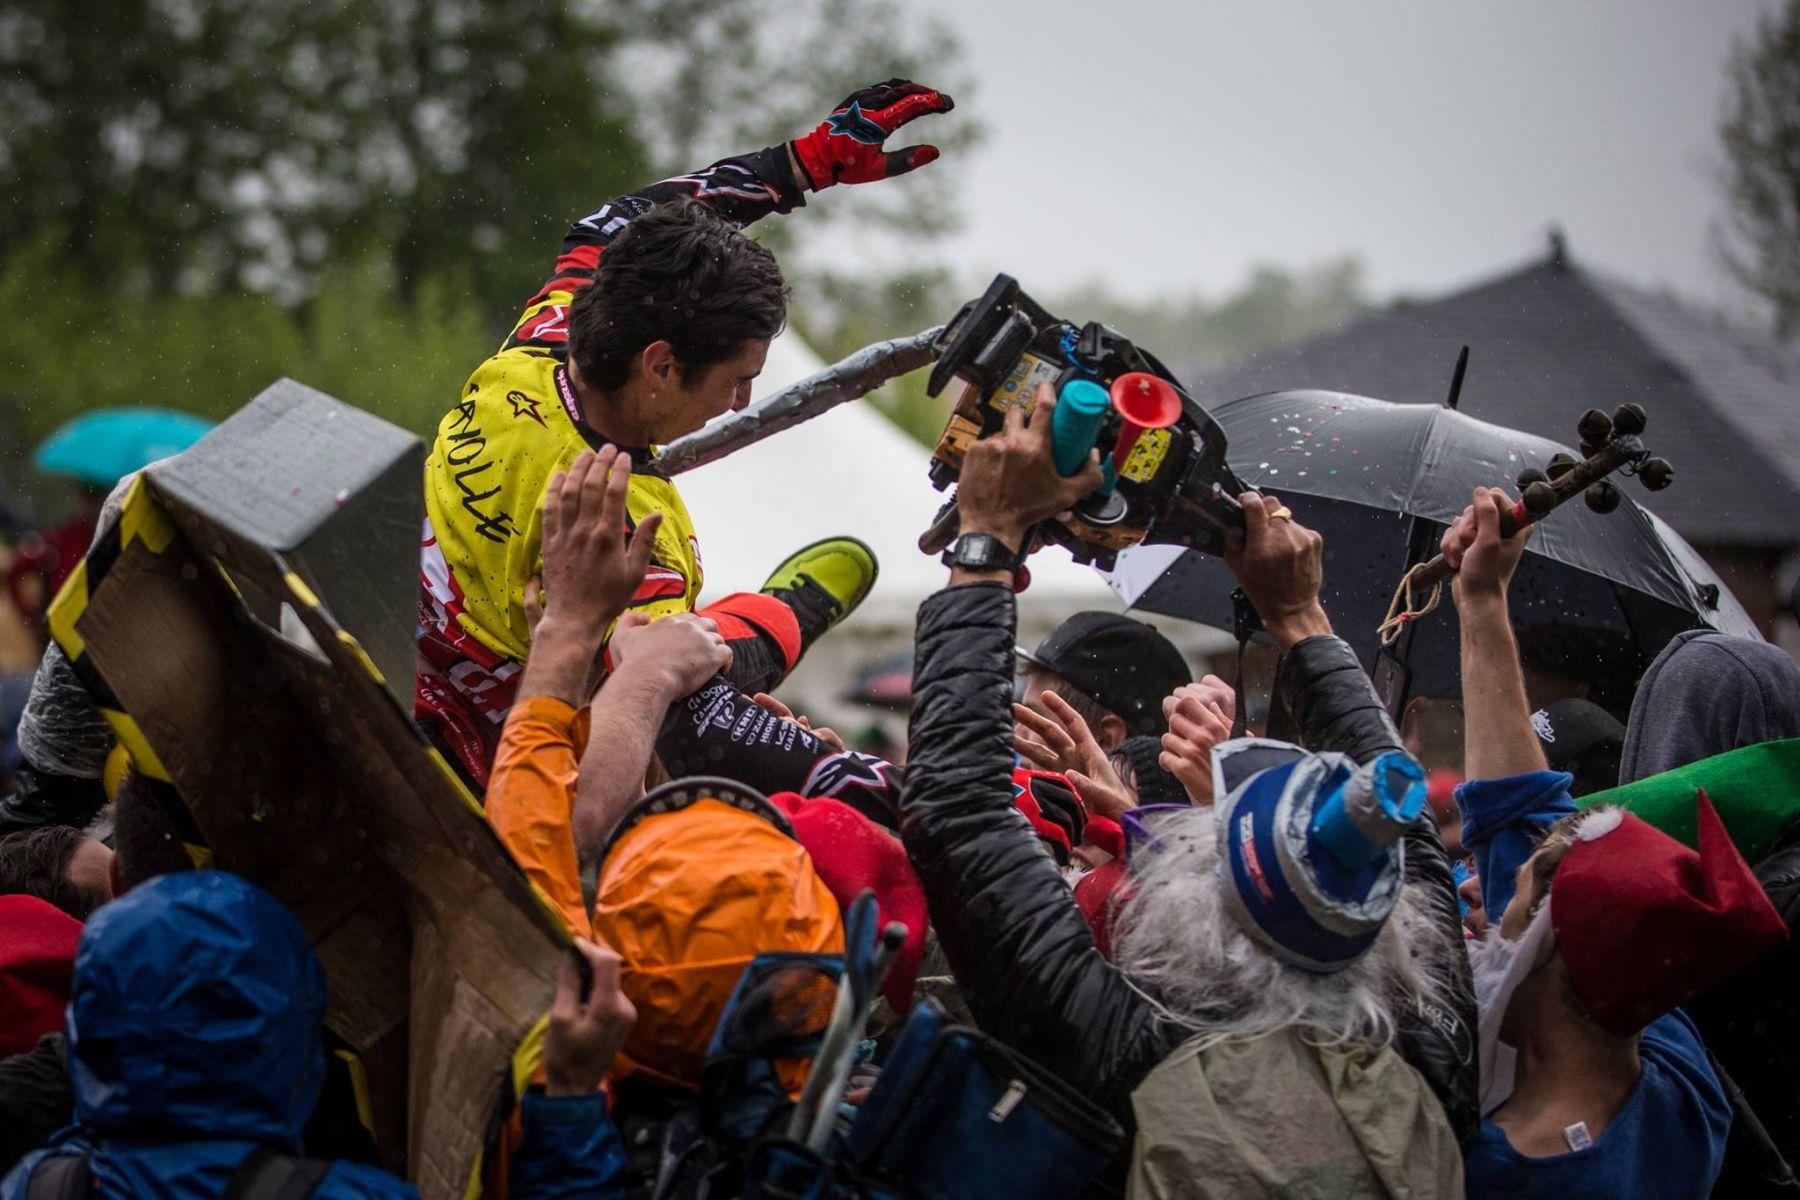 El sorprendente ganador de la carrera de Lourdes